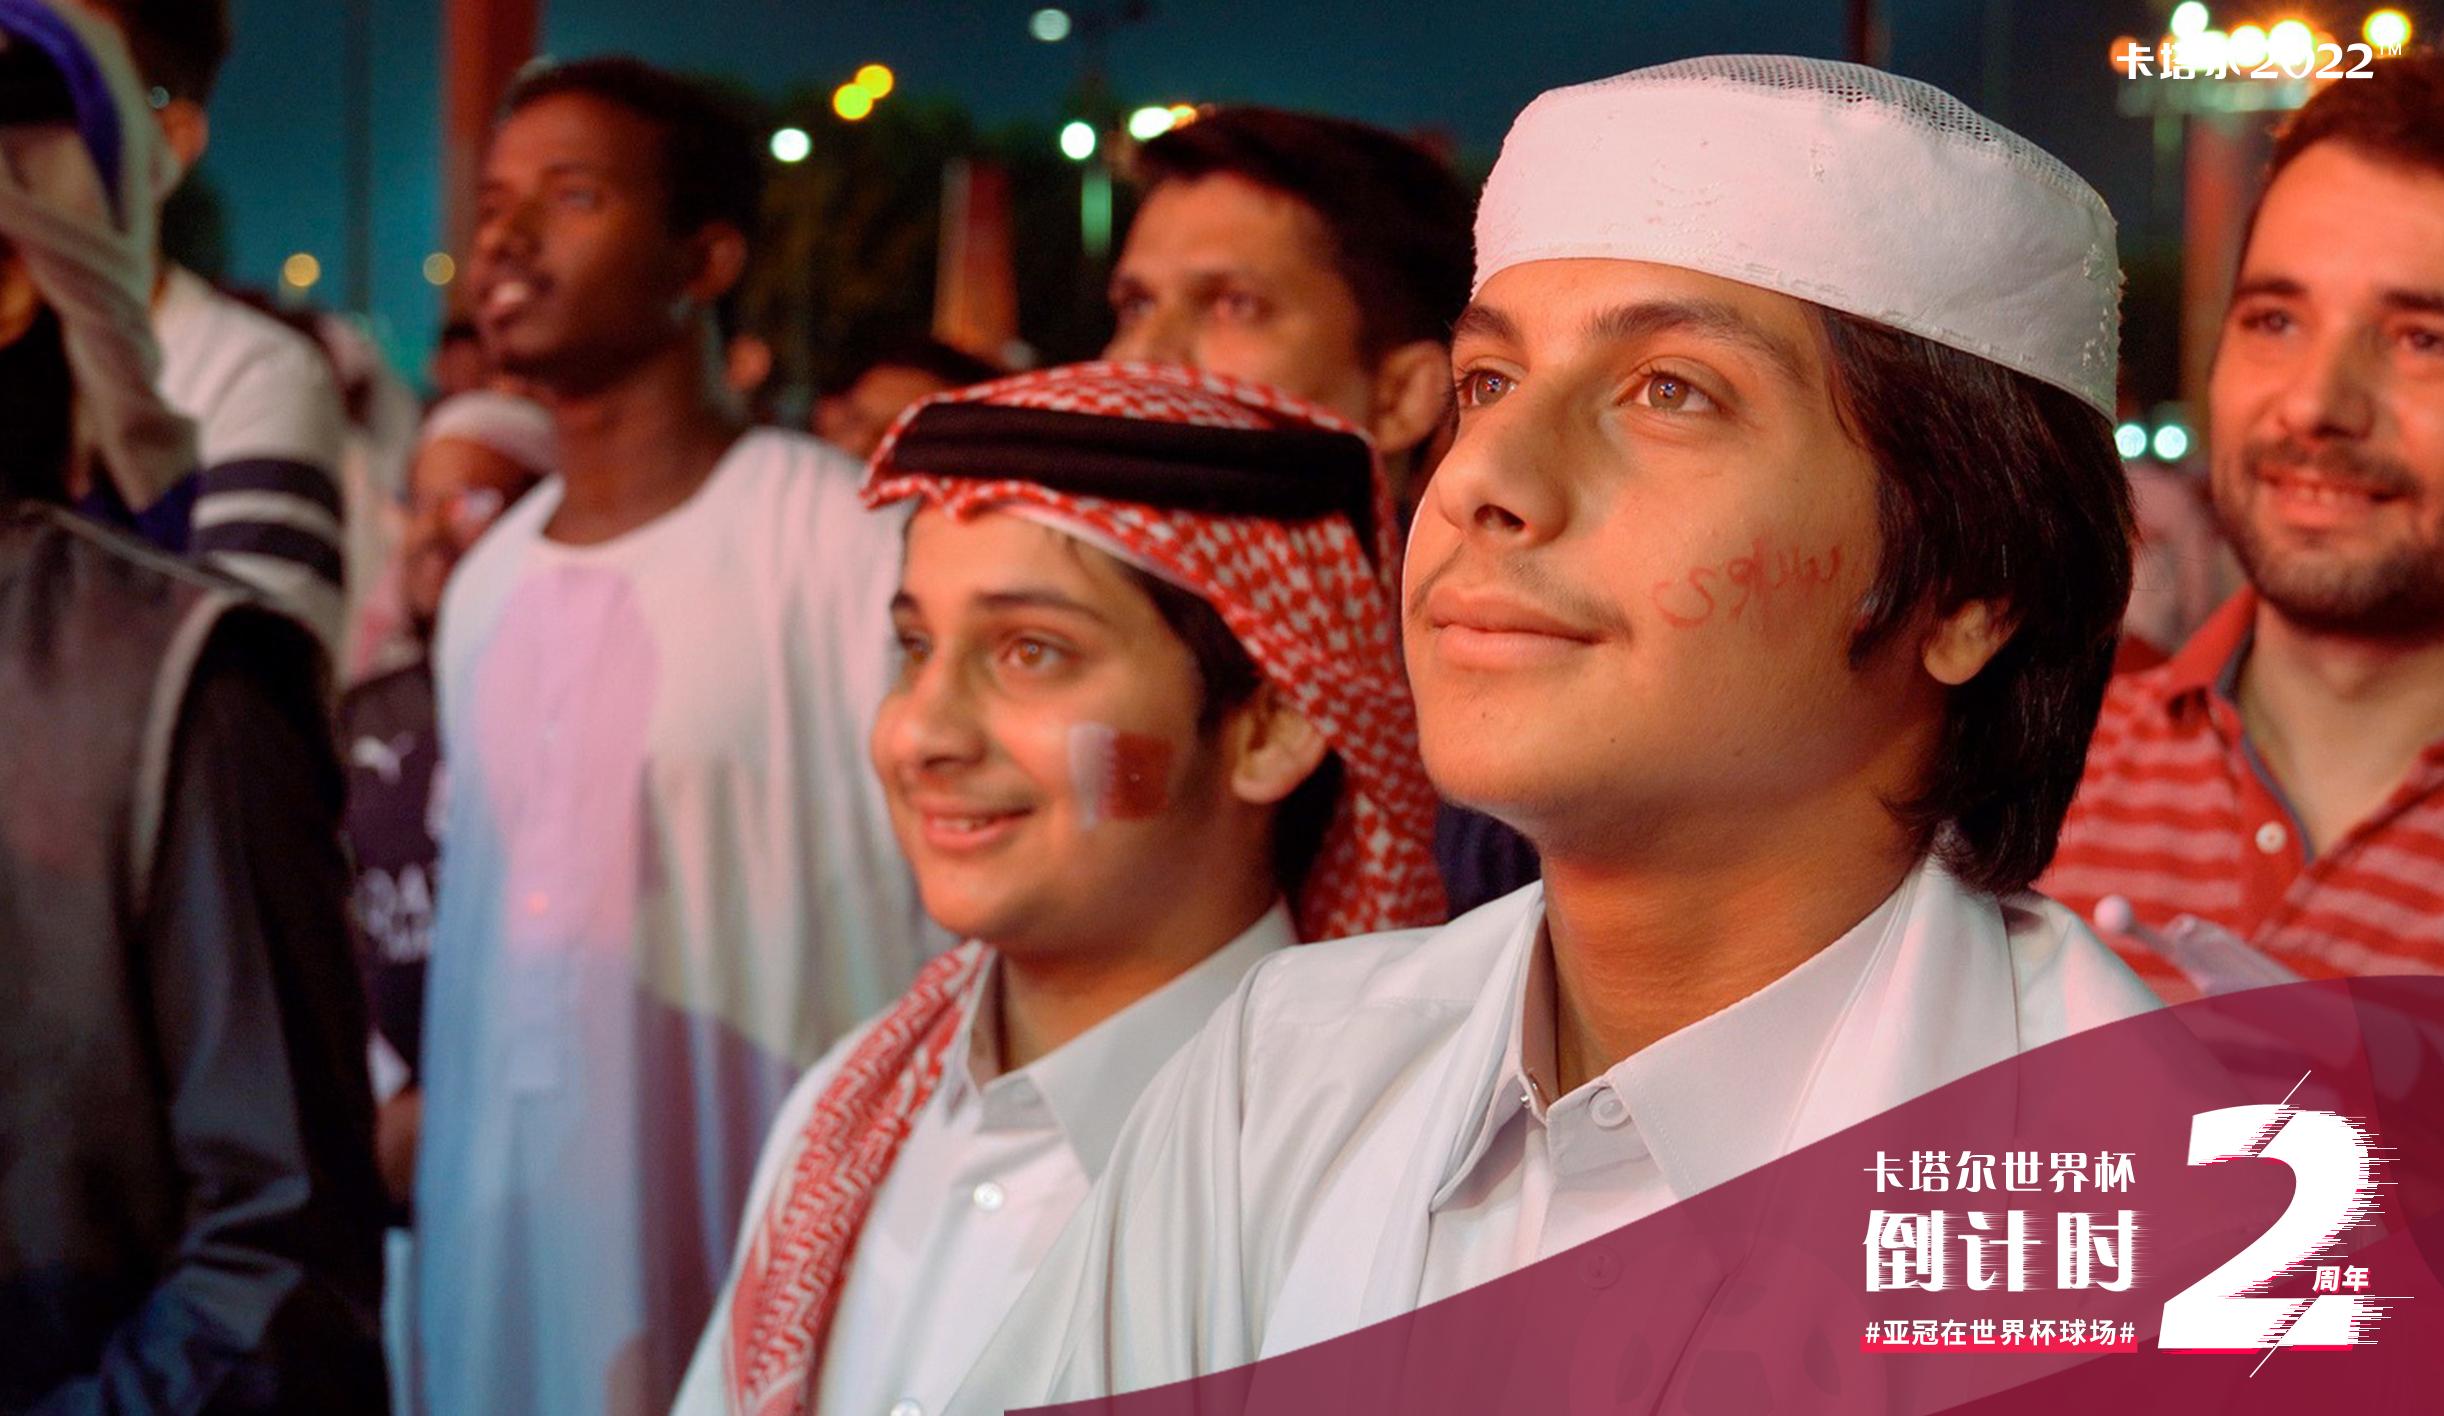 两周年倒计时:国际足联2022卡塔尔世界杯日益临近